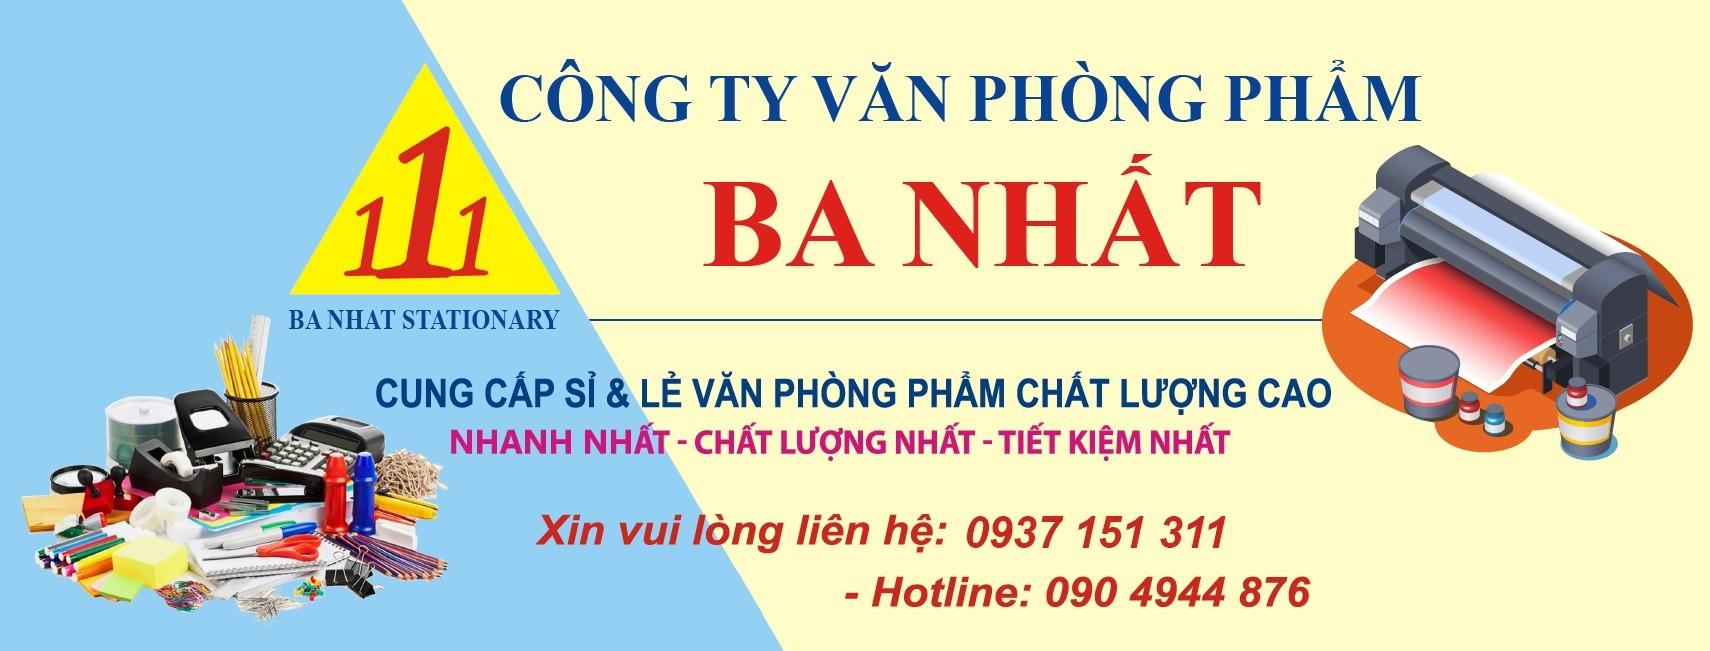 Van phong pham Ba Nhat (@vanphongphamgiasi) Cover Image